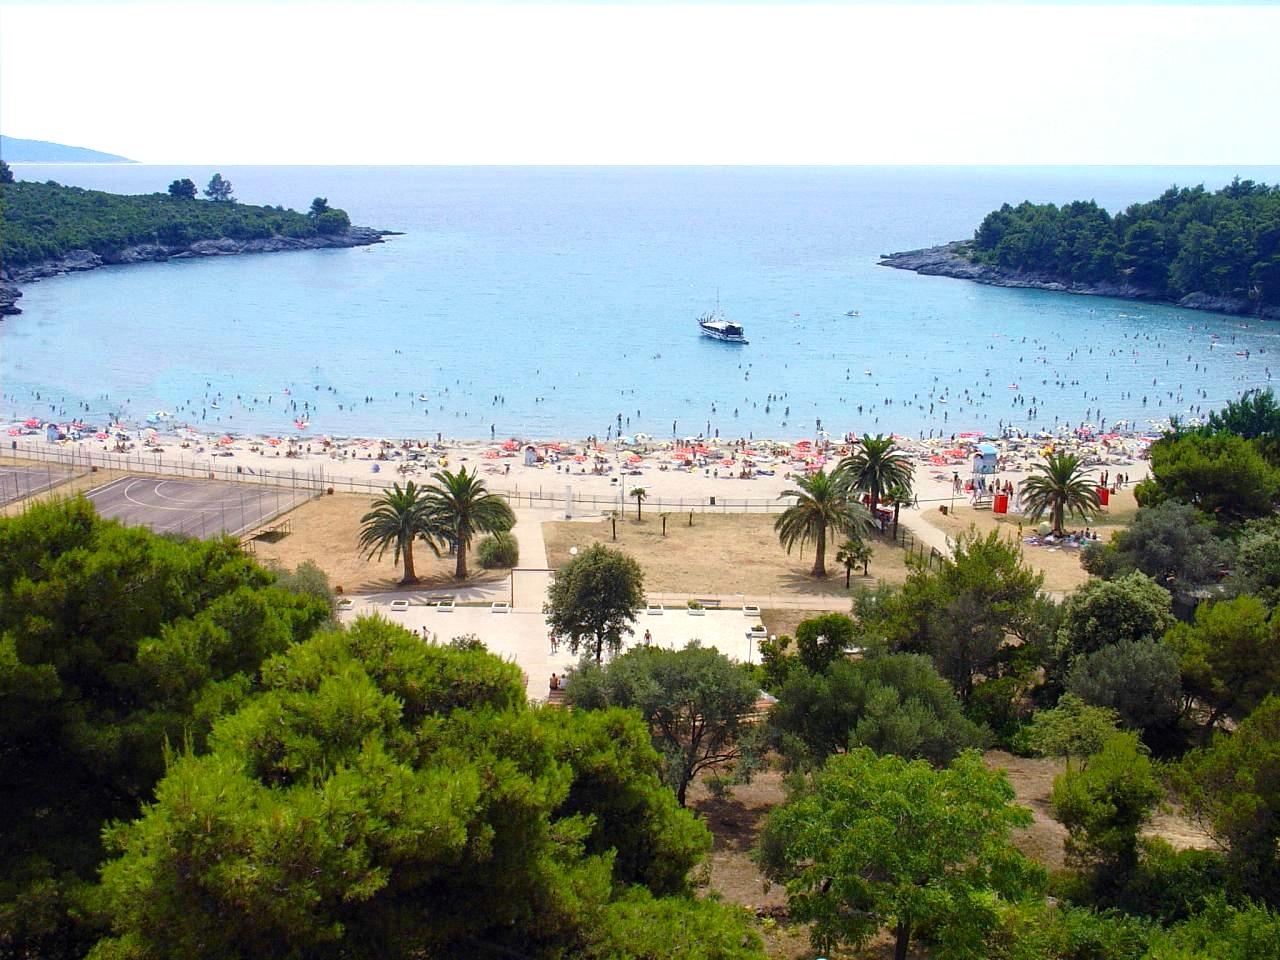 Plavi horizonti beach (Blue horizons)